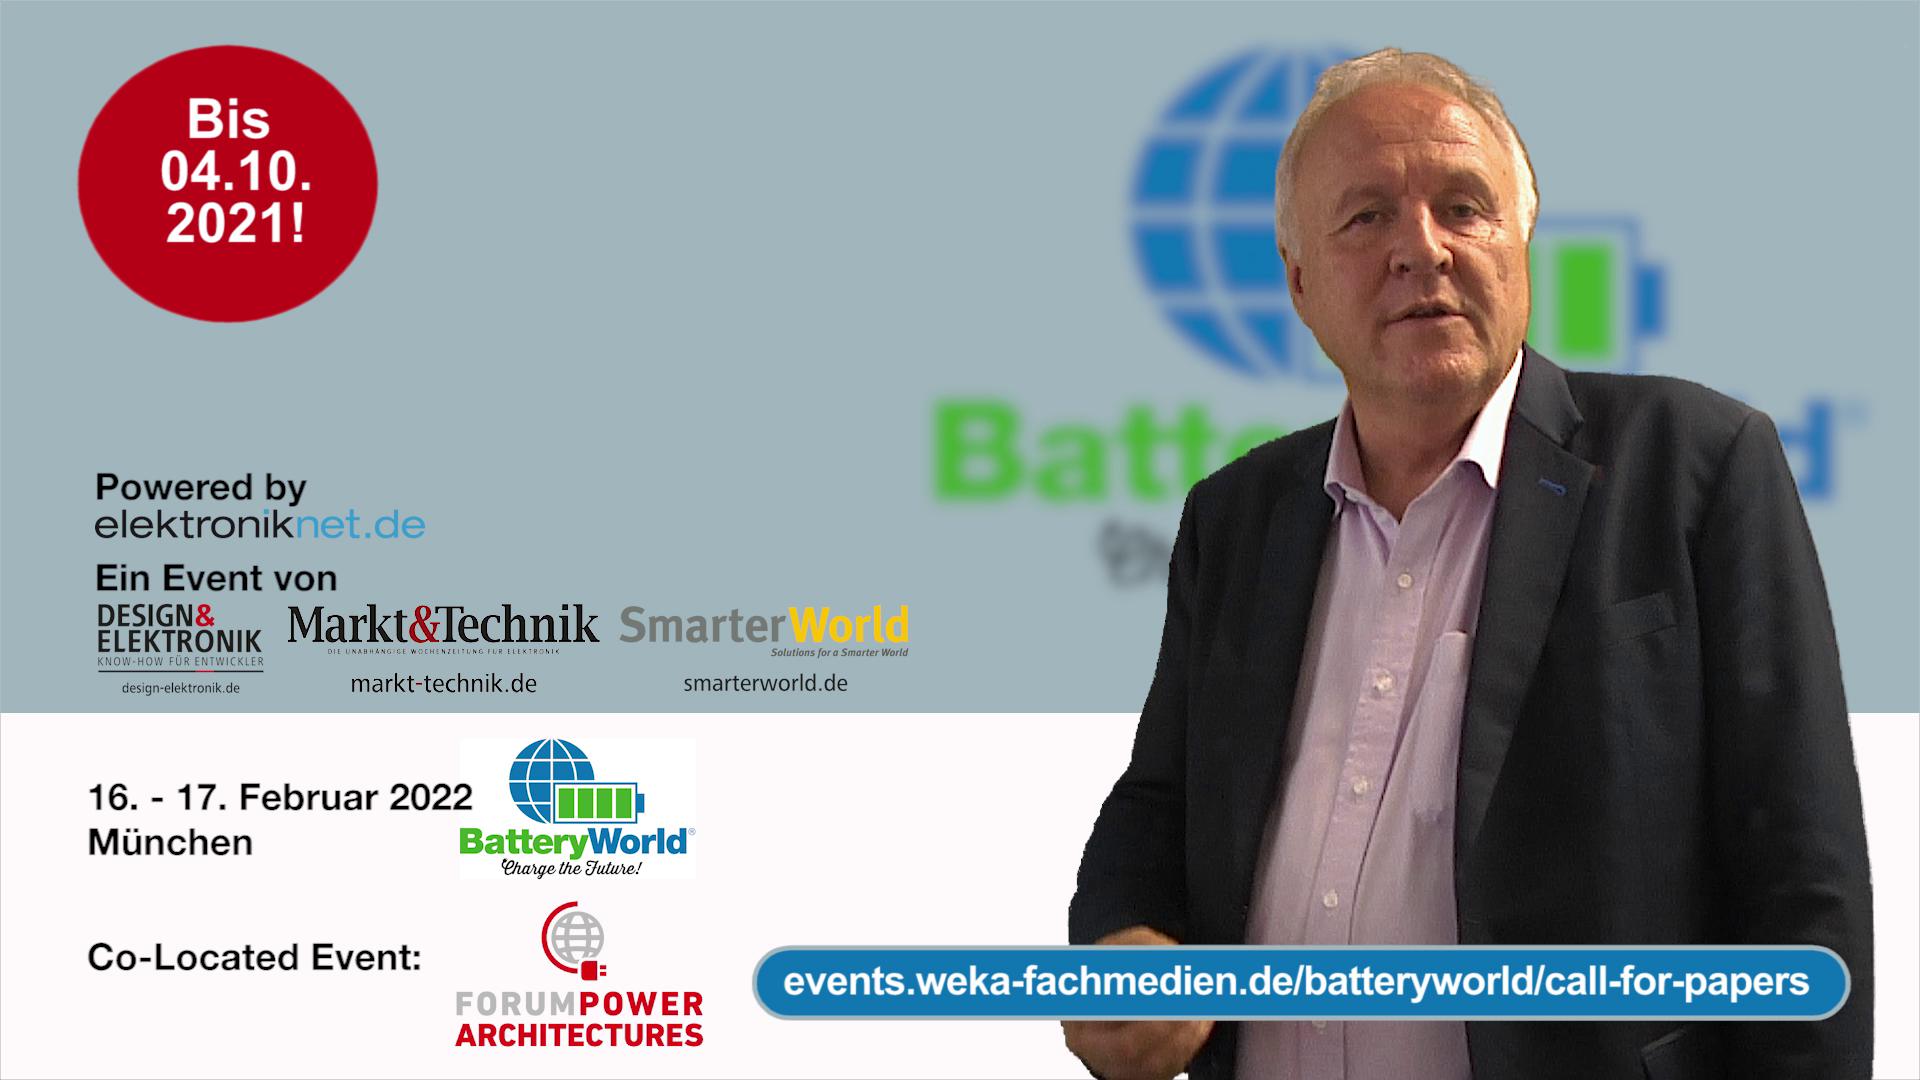 Verlängerung Call for Papers für die BatteryWorld 2022 und das Forum Power Architectures 2022